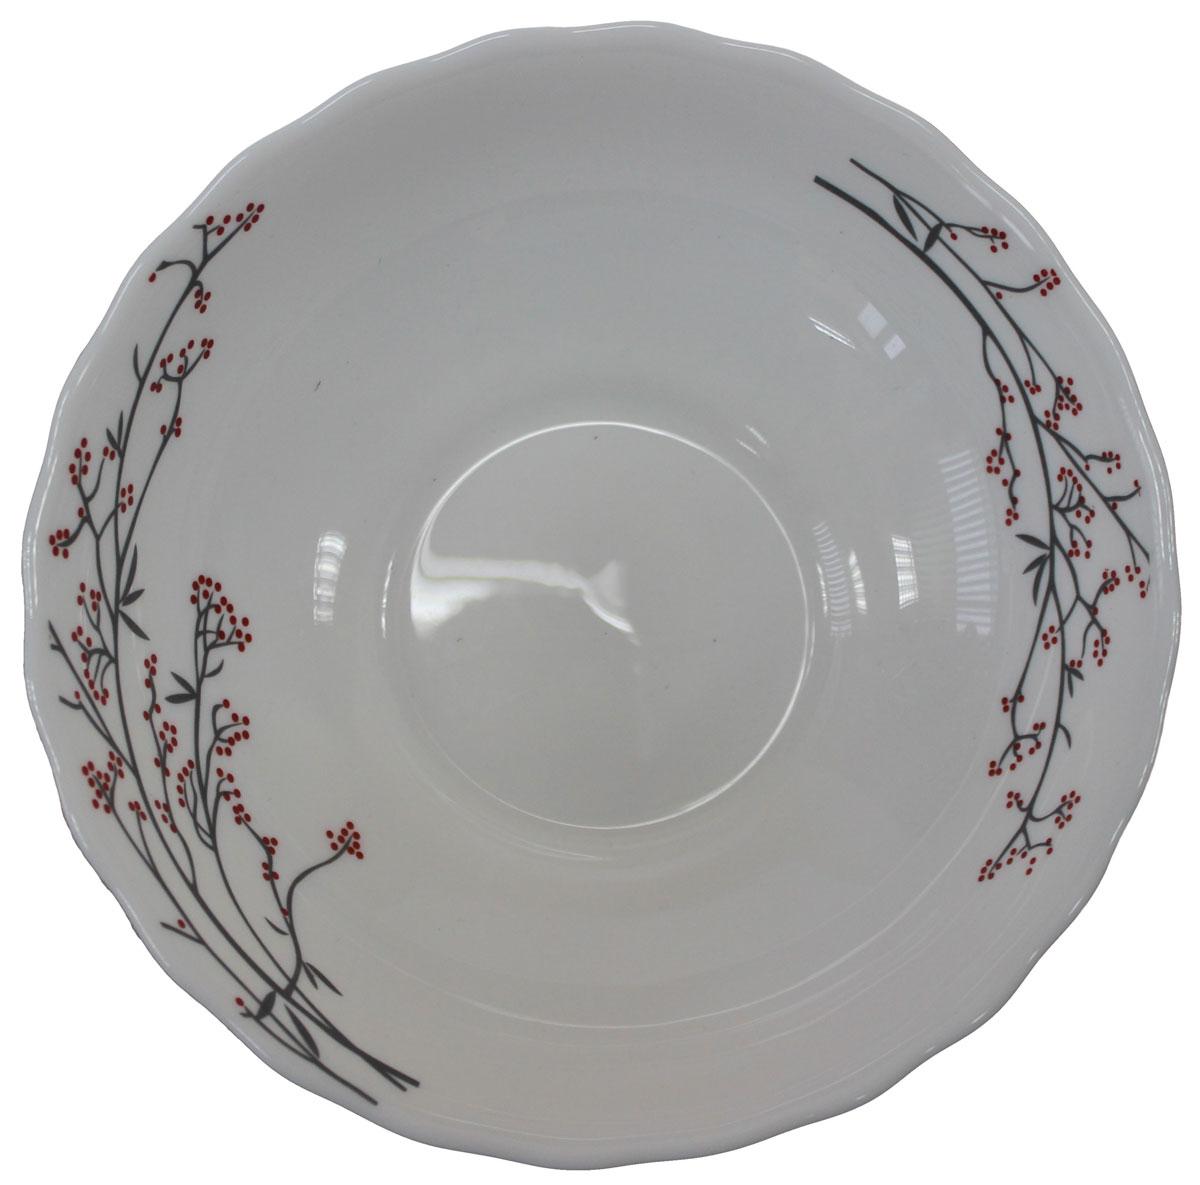 Салатник Марисса, 15,5 см. 818941818941Салатник Марисса 15,5 см, материал опаловое стекло. Салатник – можно использовать как суповую тарелку, объем 412 мл, можно использовать в посудомоечной машине и СВЧ.